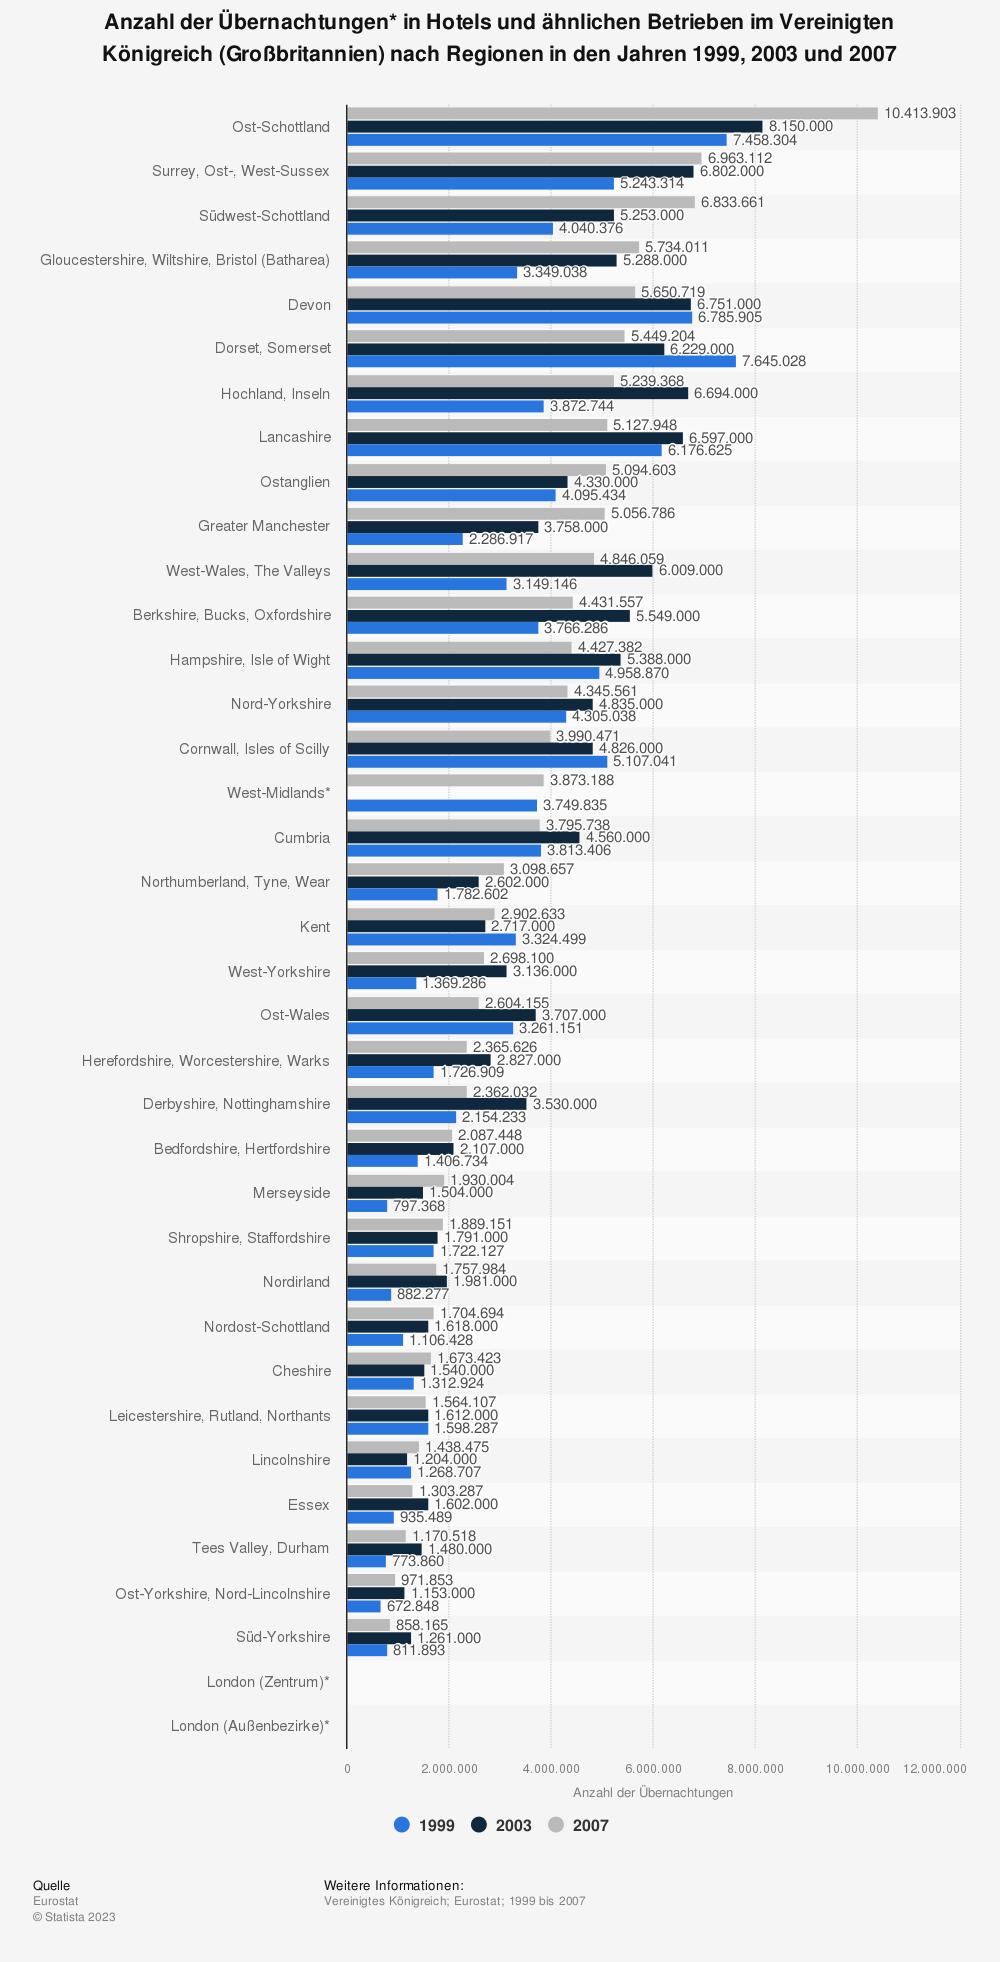 Statistik: Anzahl der Übernachtungen* in Hotels und ähnlichen Betrieben im Vereinigten Königreich (Großbritannien) nach Regionen in den Jahren 1999, 2003 und 2007 | Statista